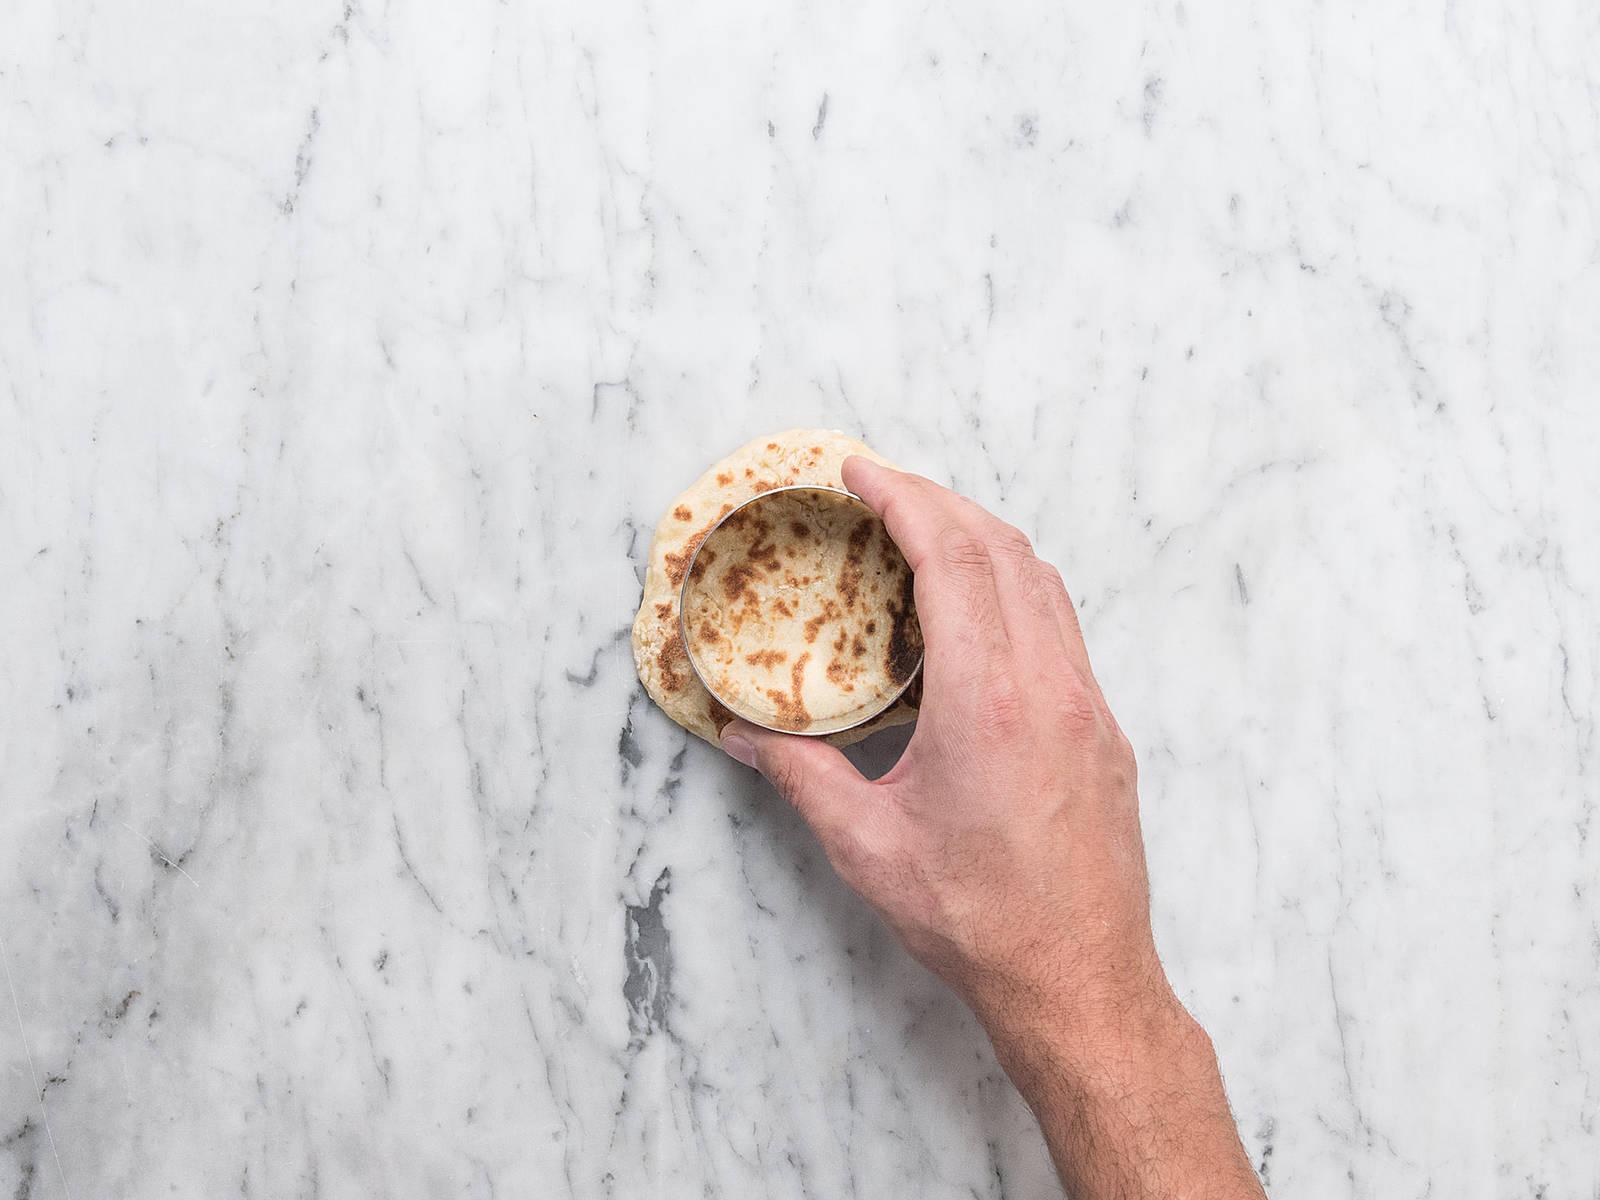 Das Naan Brot mit einer runden Ausstechform oder einem Glas in 6 gleich große Kreise ausstechen. Einen Kreis mit Nutella bestreichen, einen weiteren Kreis darauflegen, wieder mit Nutella bestreichen und mit einem dritten Kreis bedecken. Das Ganze mit den verbleibenden 3 Stücken wiederholen.